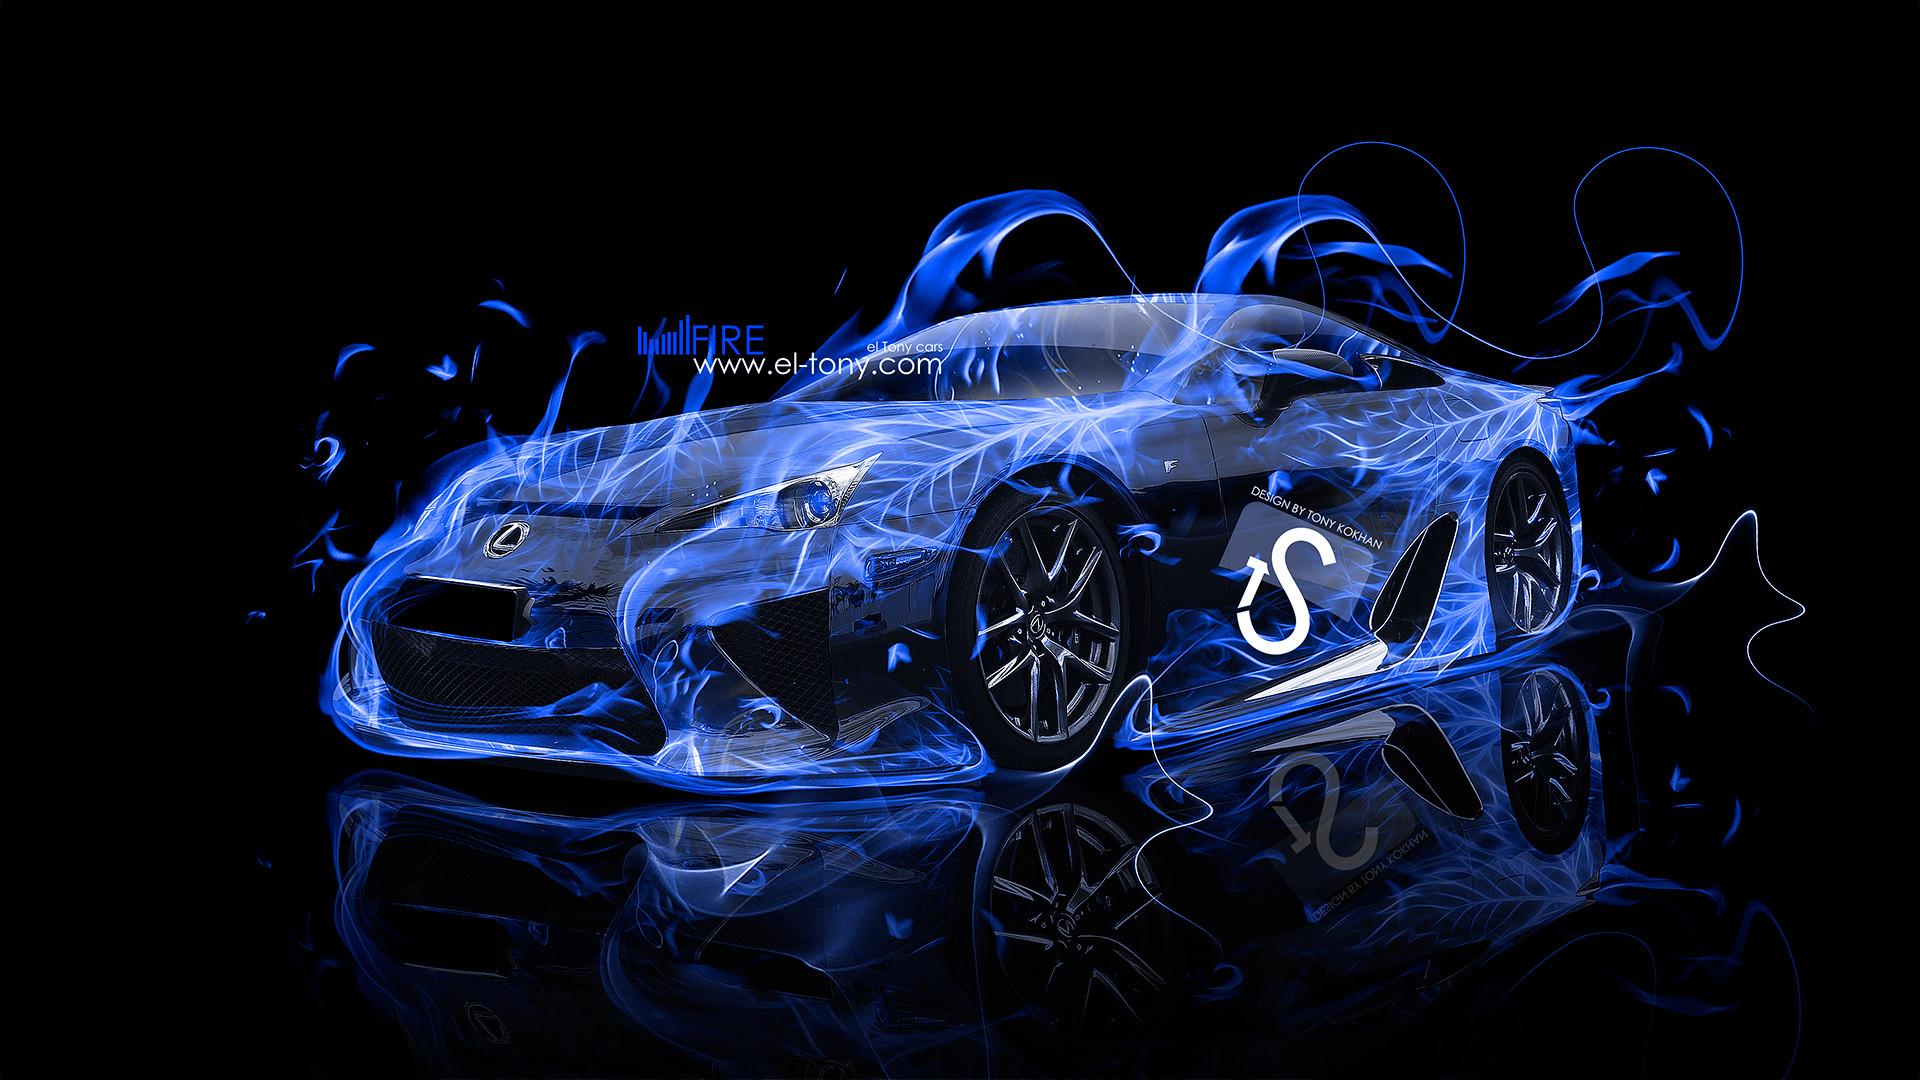 Lexus Blue Fire Car